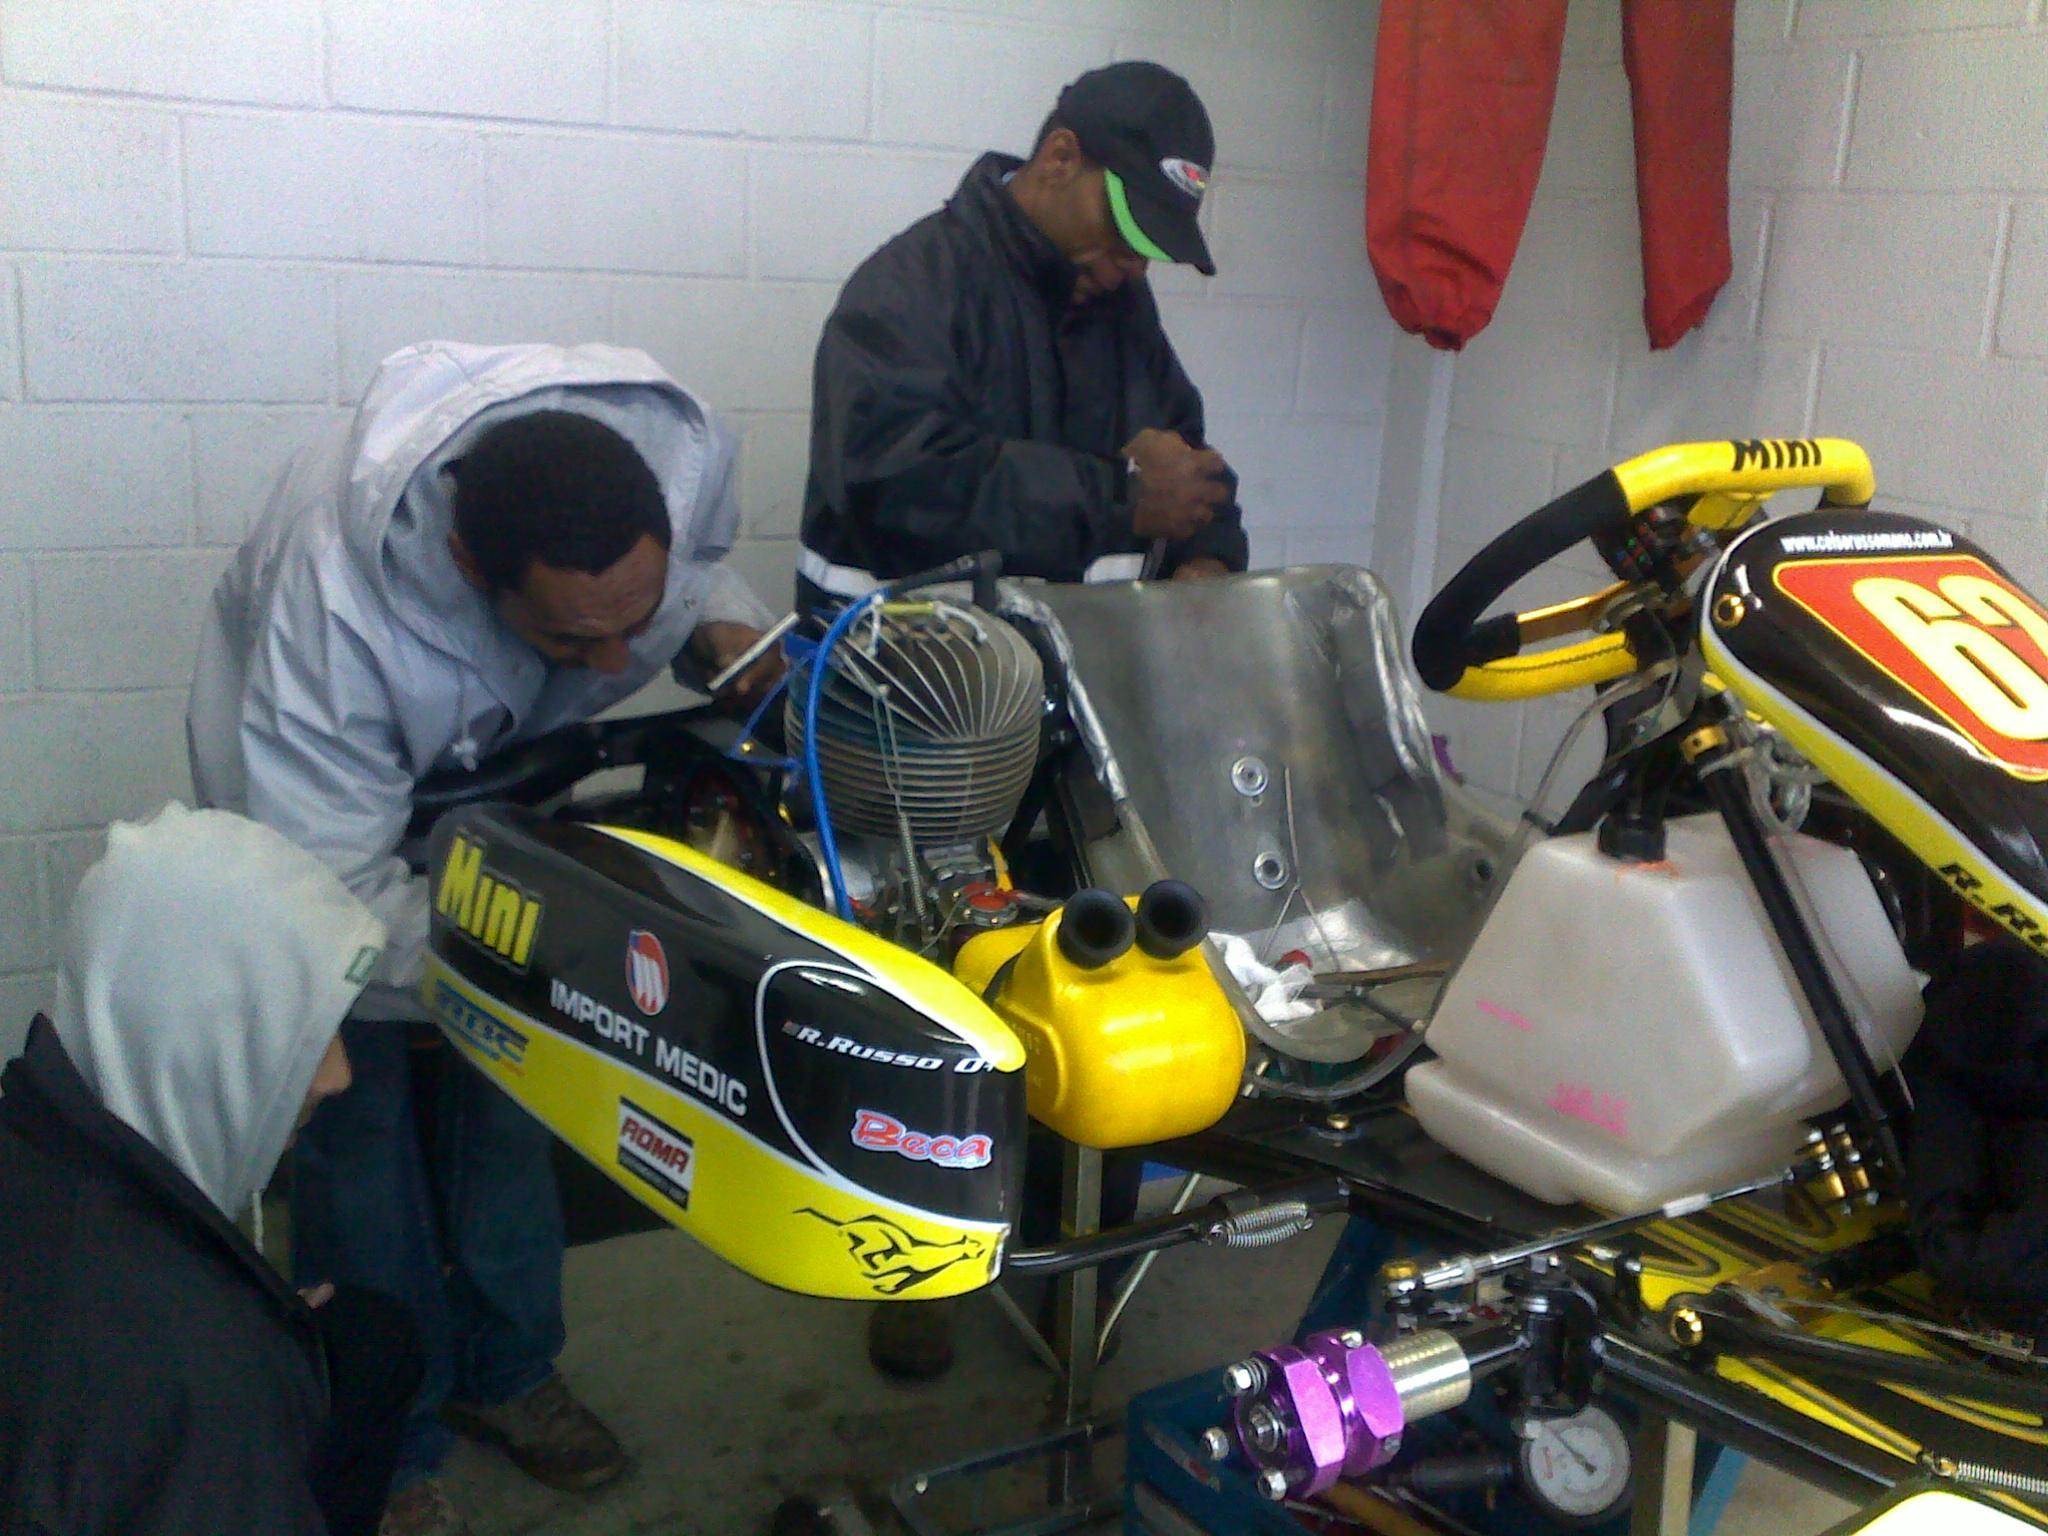 Momentos antes da conquista do Campeonato Brasileiro de Kart 2009 na Super Senior